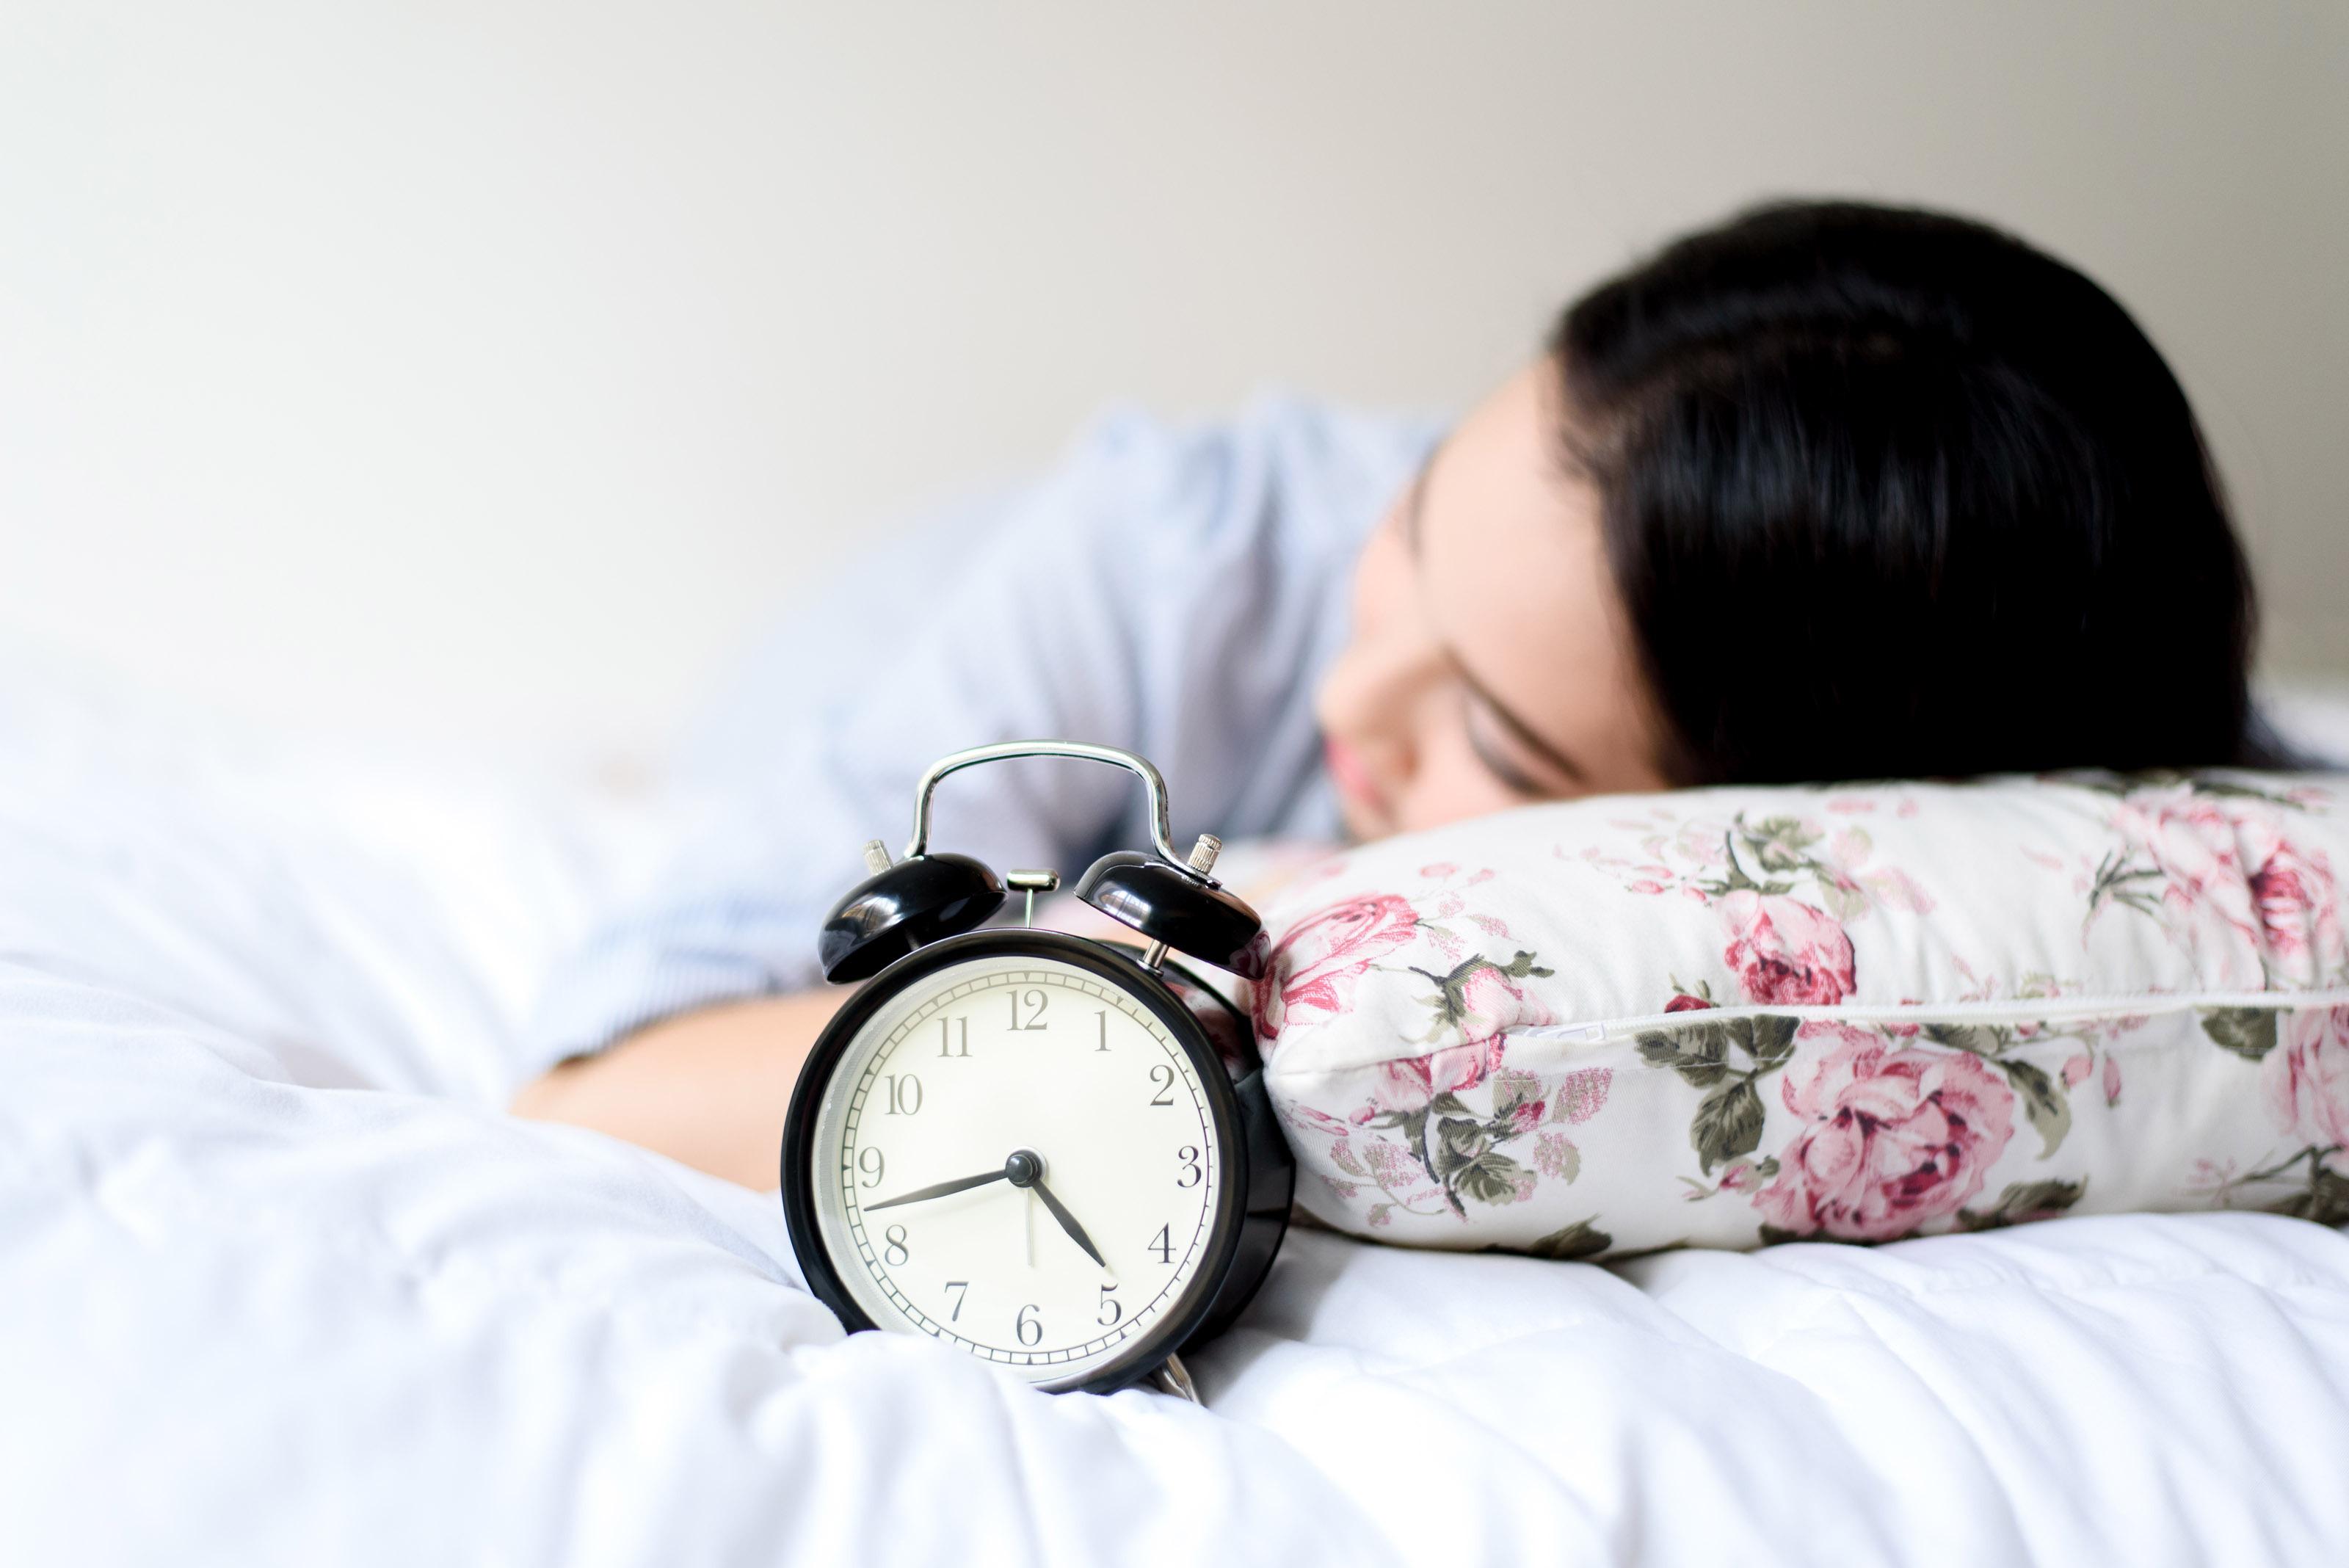 bolile-grave-la-care-ne-expunem-daca-nu-dormim-suficient